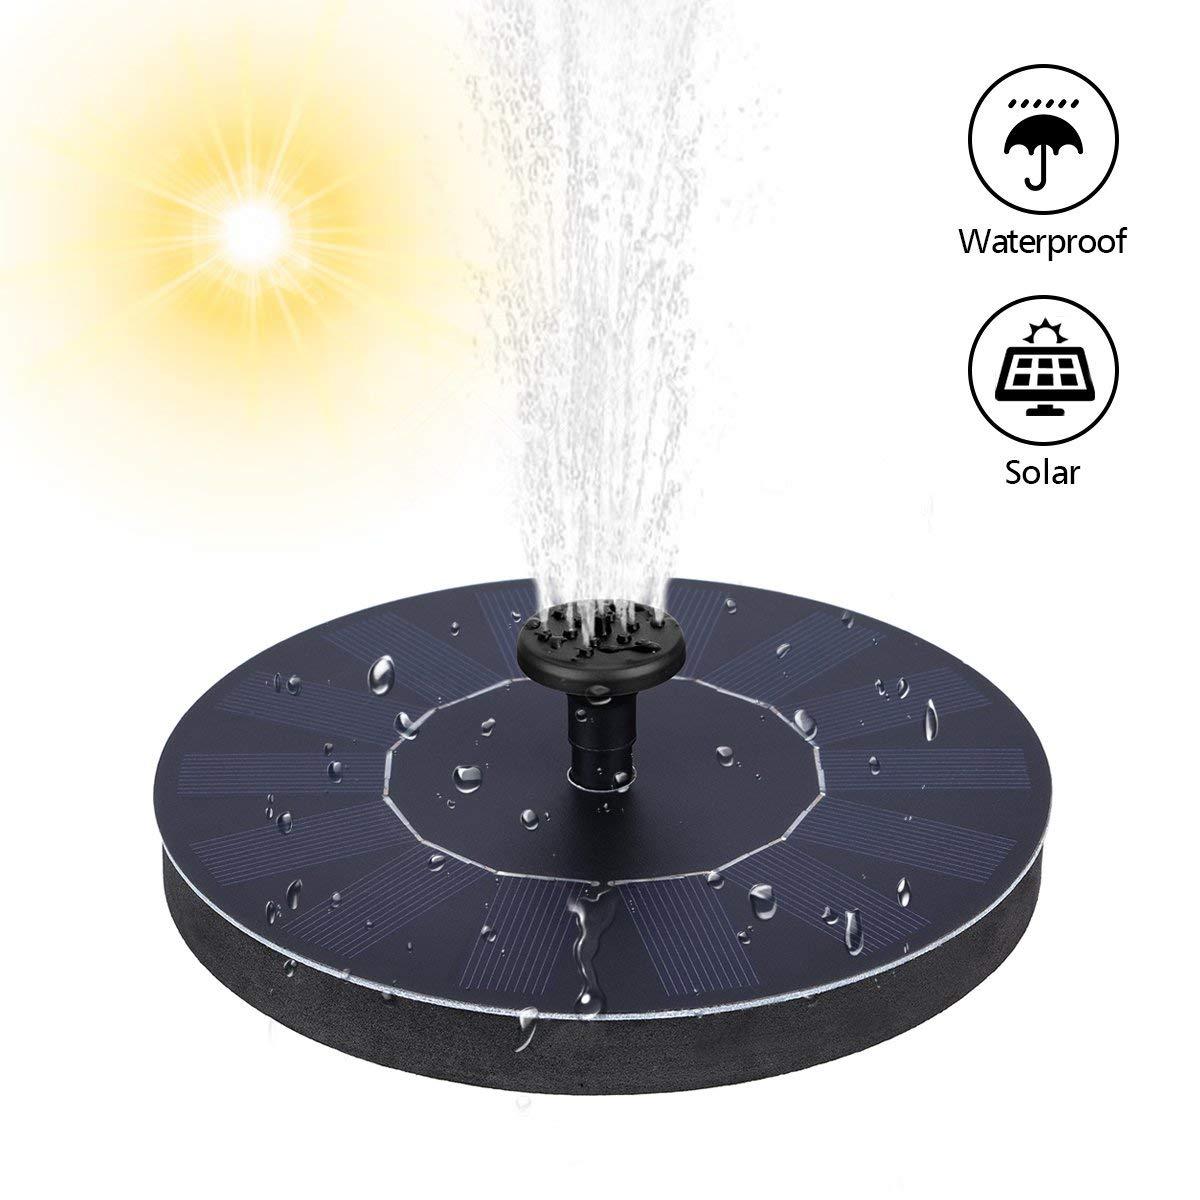 pompe eau solaire fontaine panneau solaire 160l h 4. Black Bedroom Furniture Sets. Home Design Ideas